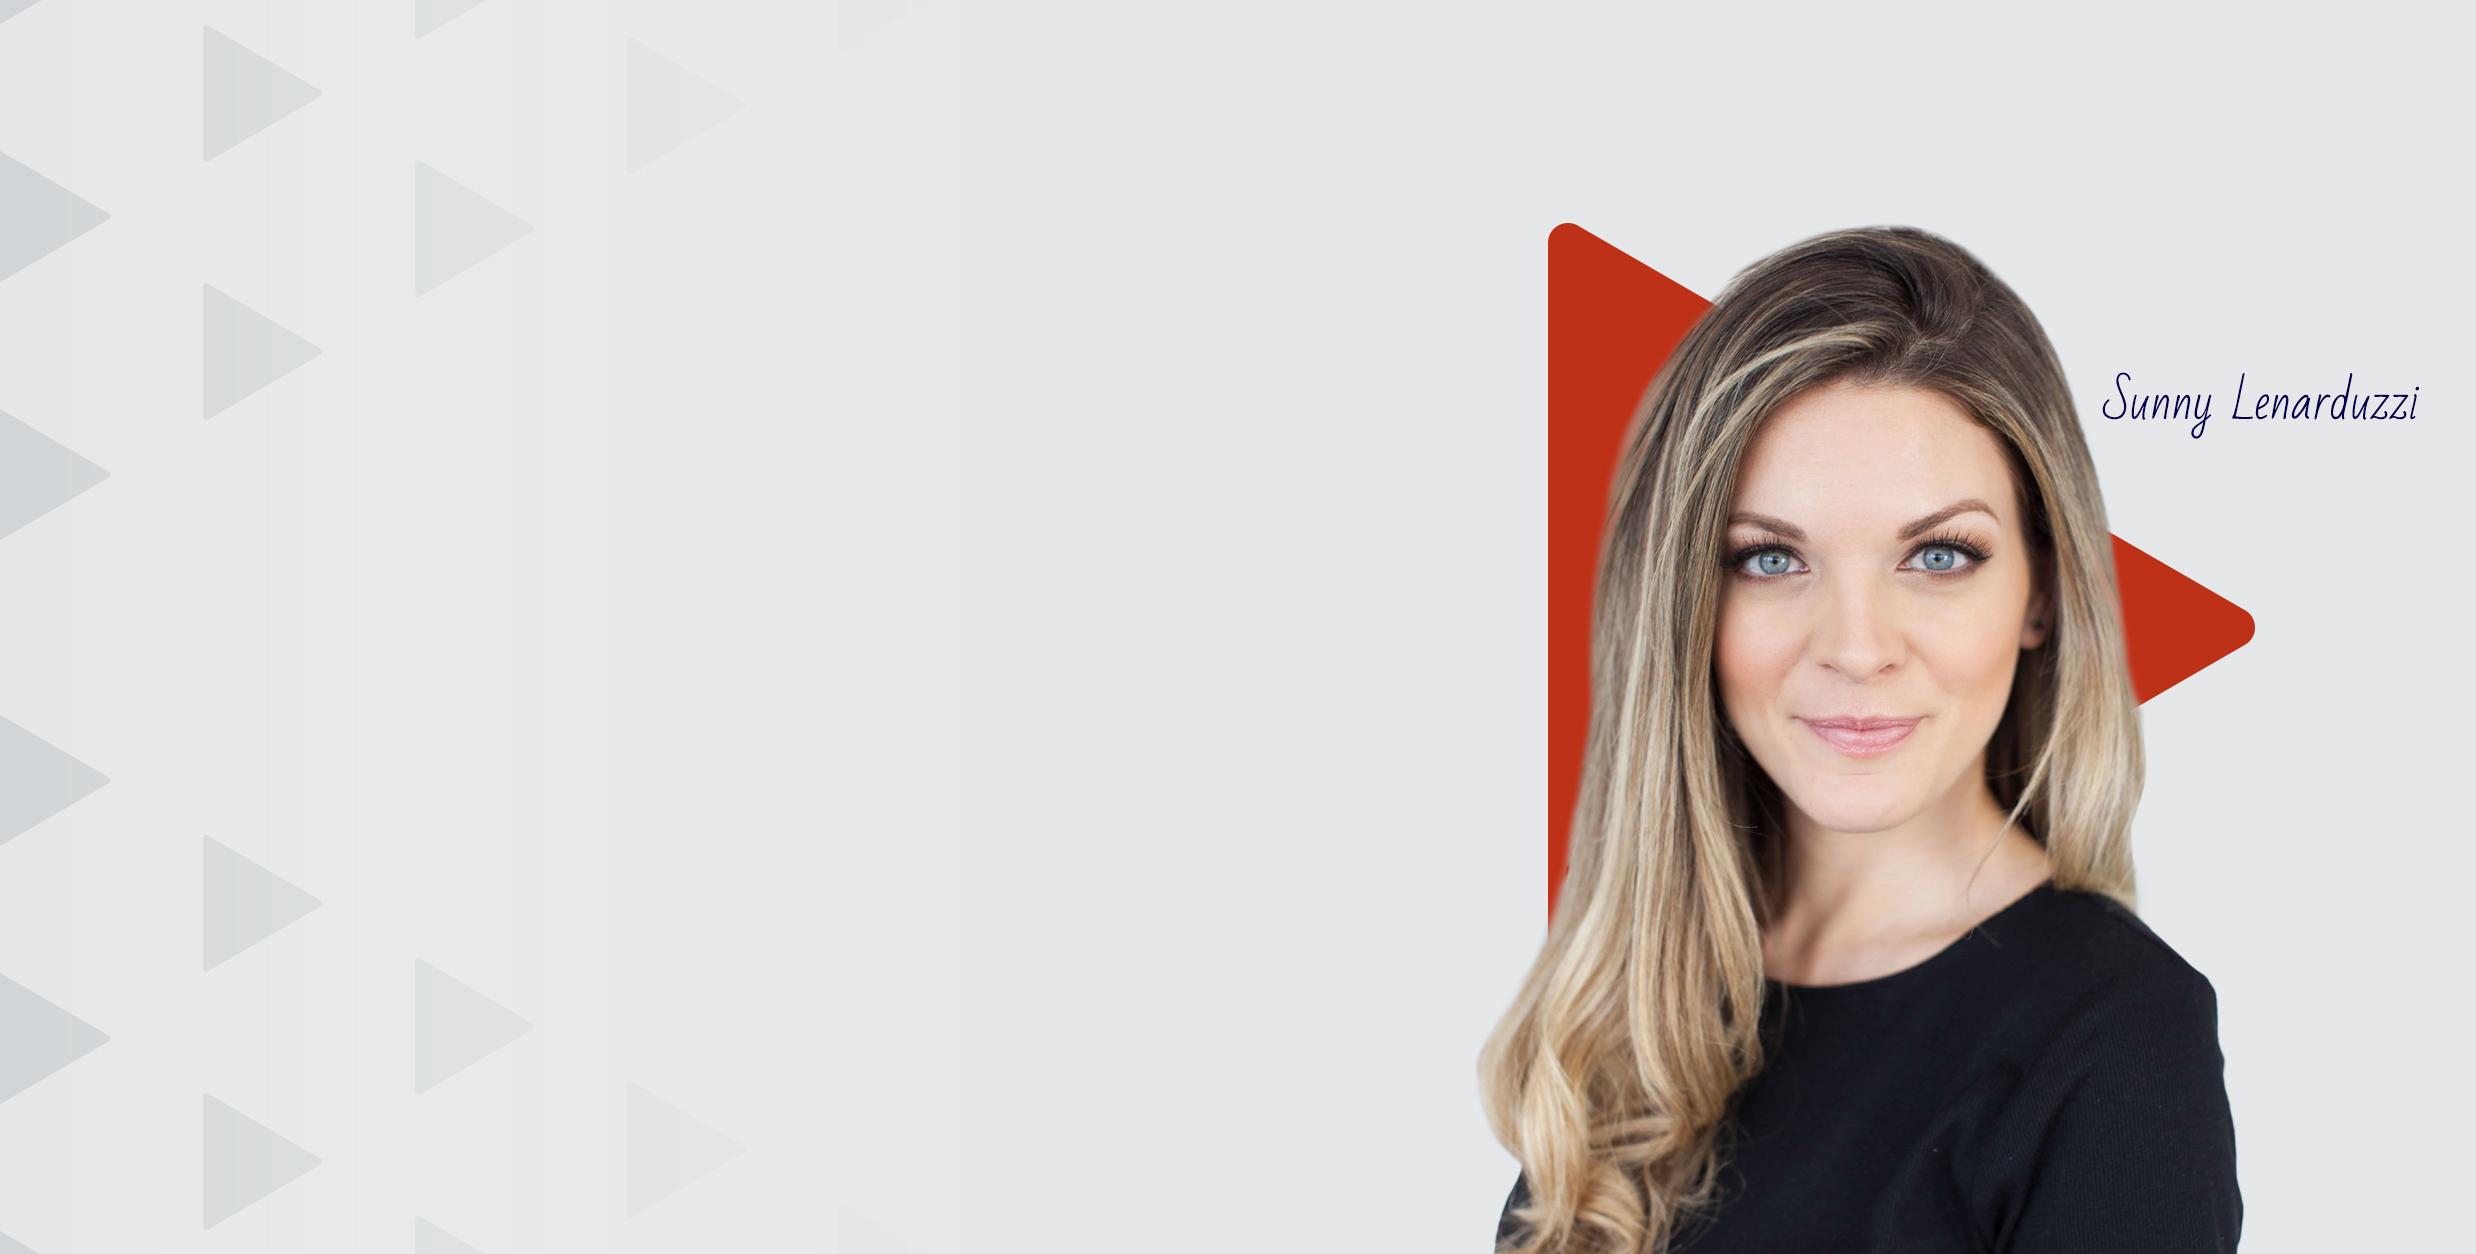 SunnyLenarduzzi YouTube Creator Summit